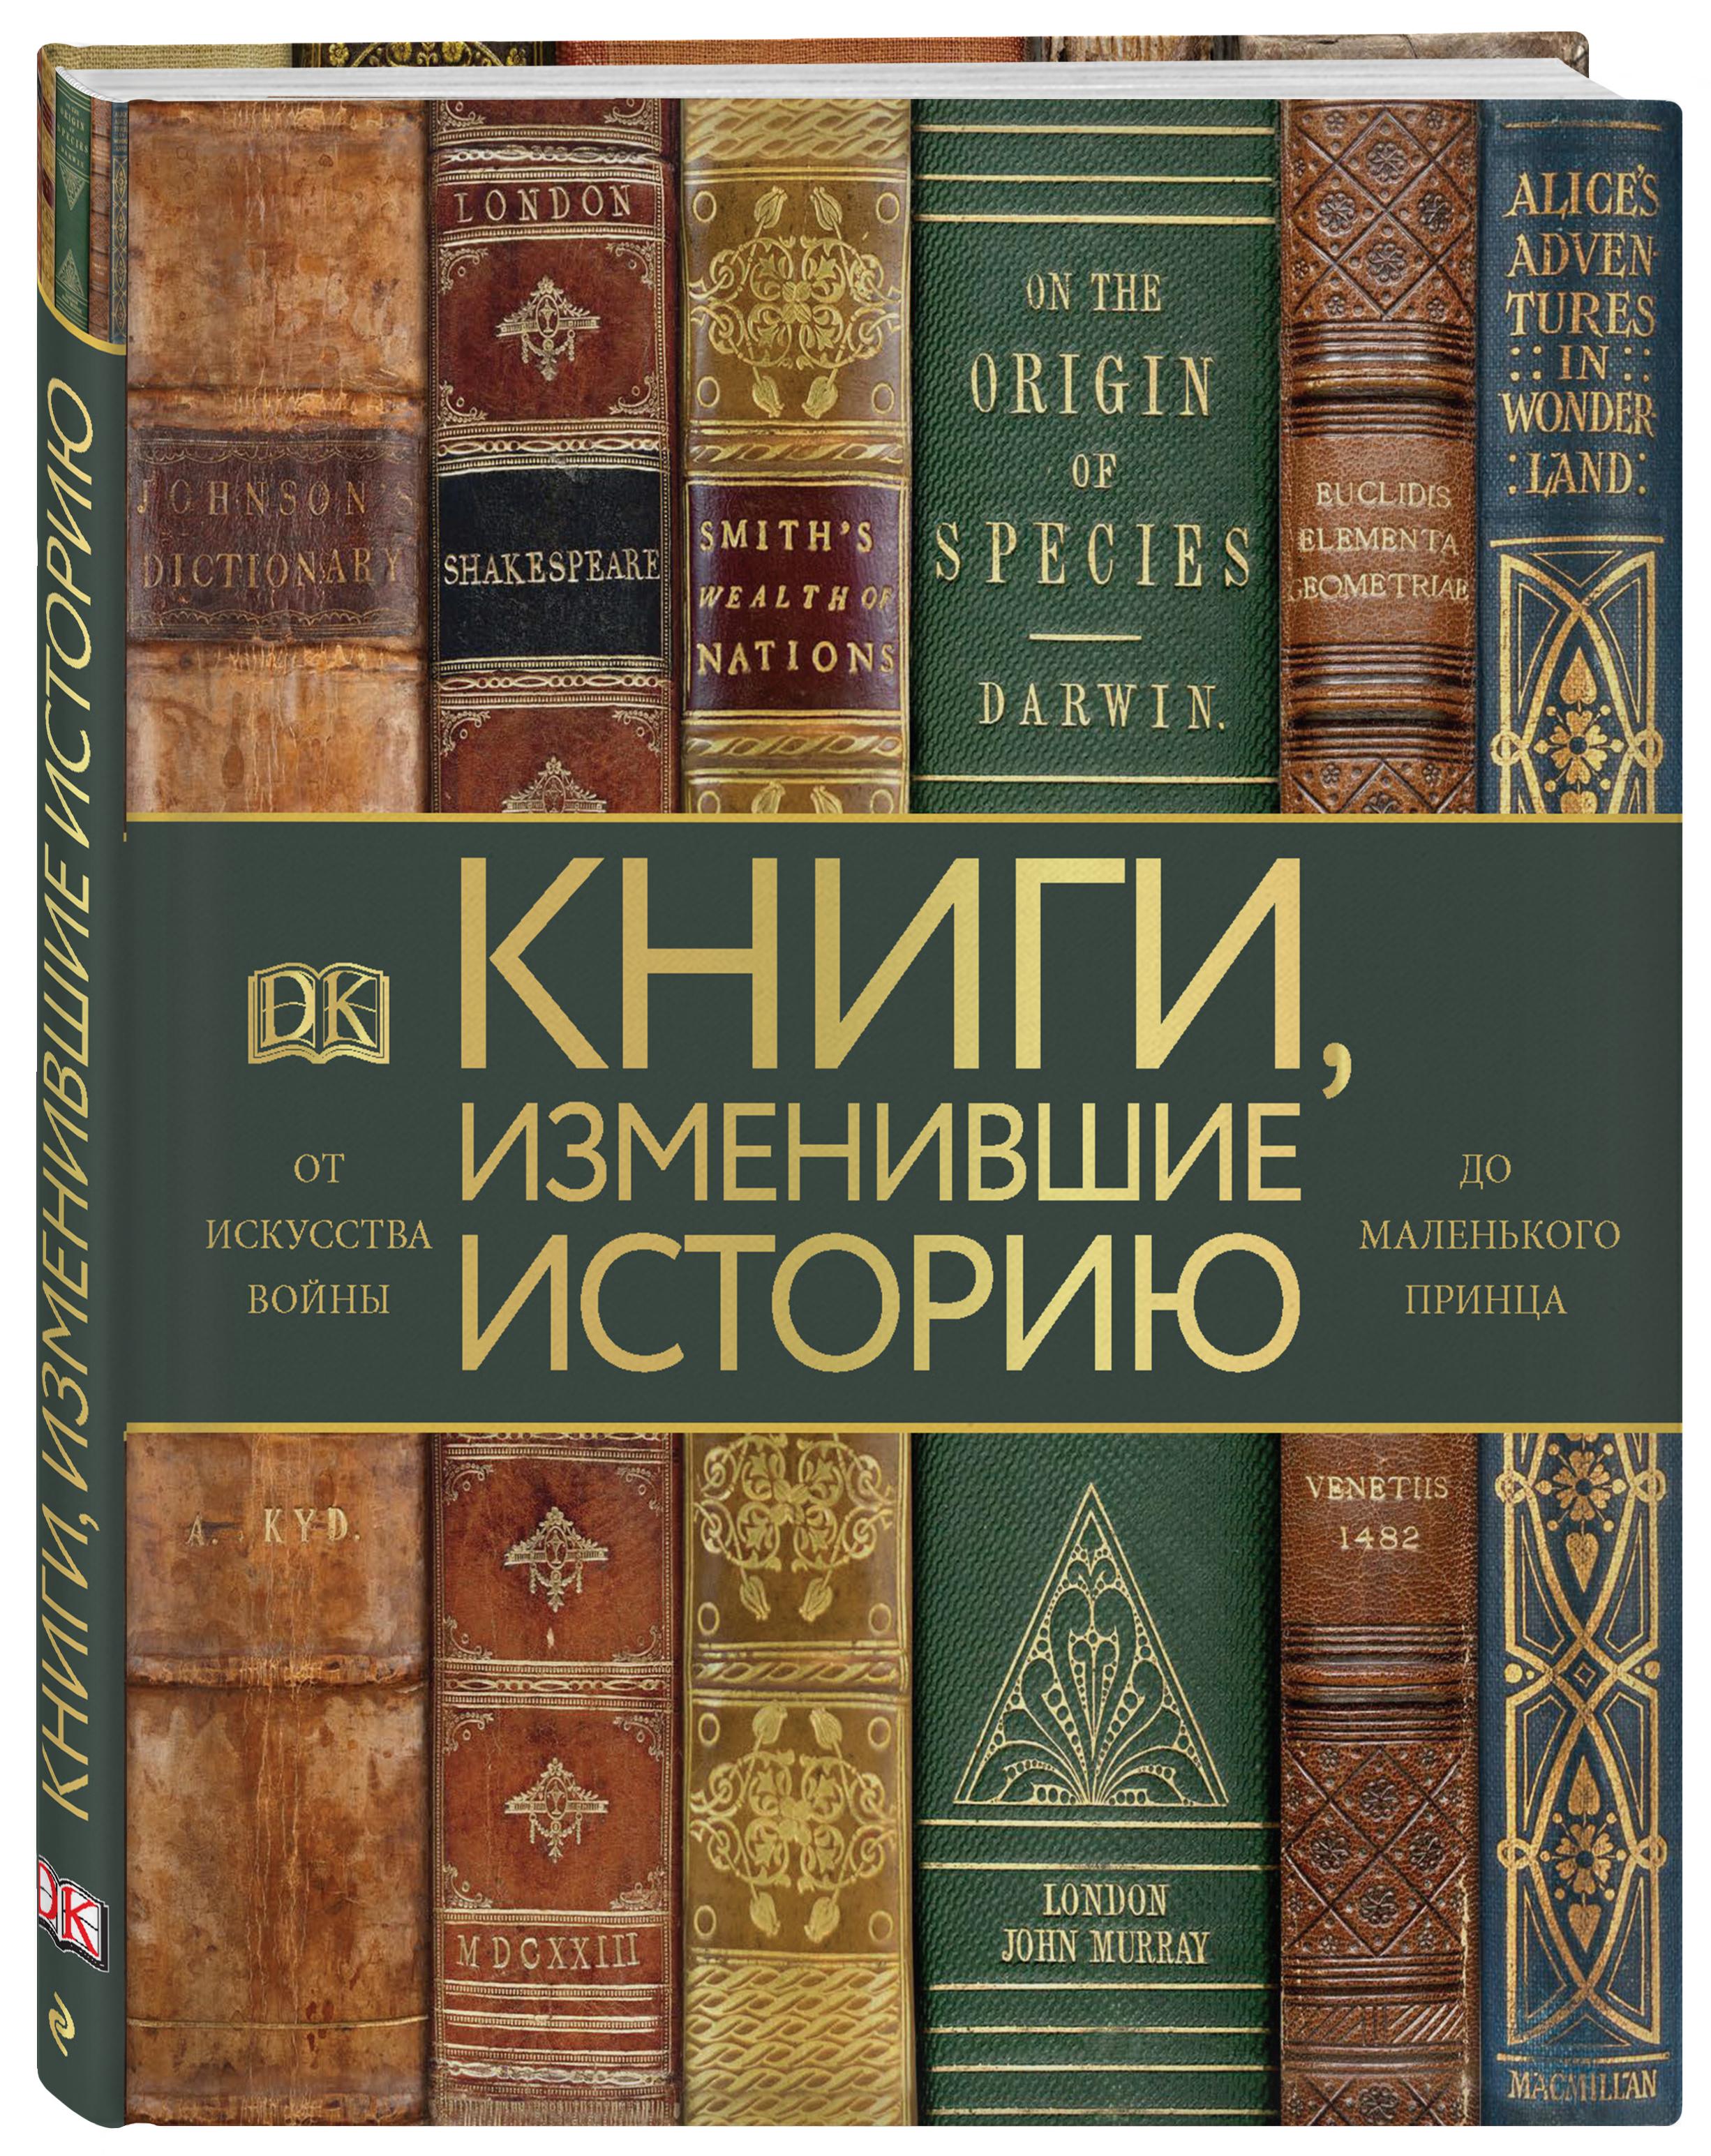 Коллинз О. Книги, изменившие историю. От Искусства войны до Маленького принца